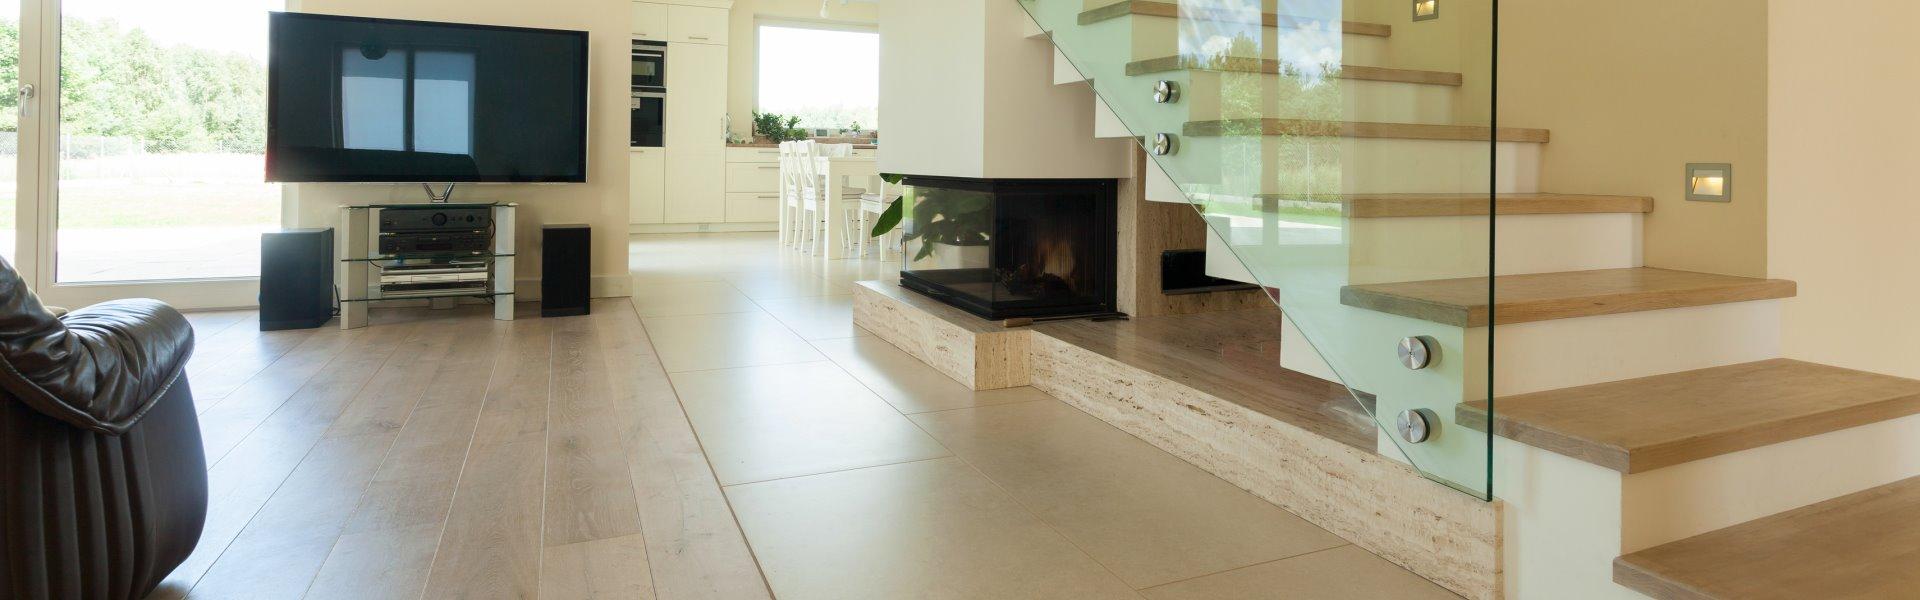 schauberger estrich jandelsbrunn. Black Bedroom Furniture Sets. Home Design Ideas